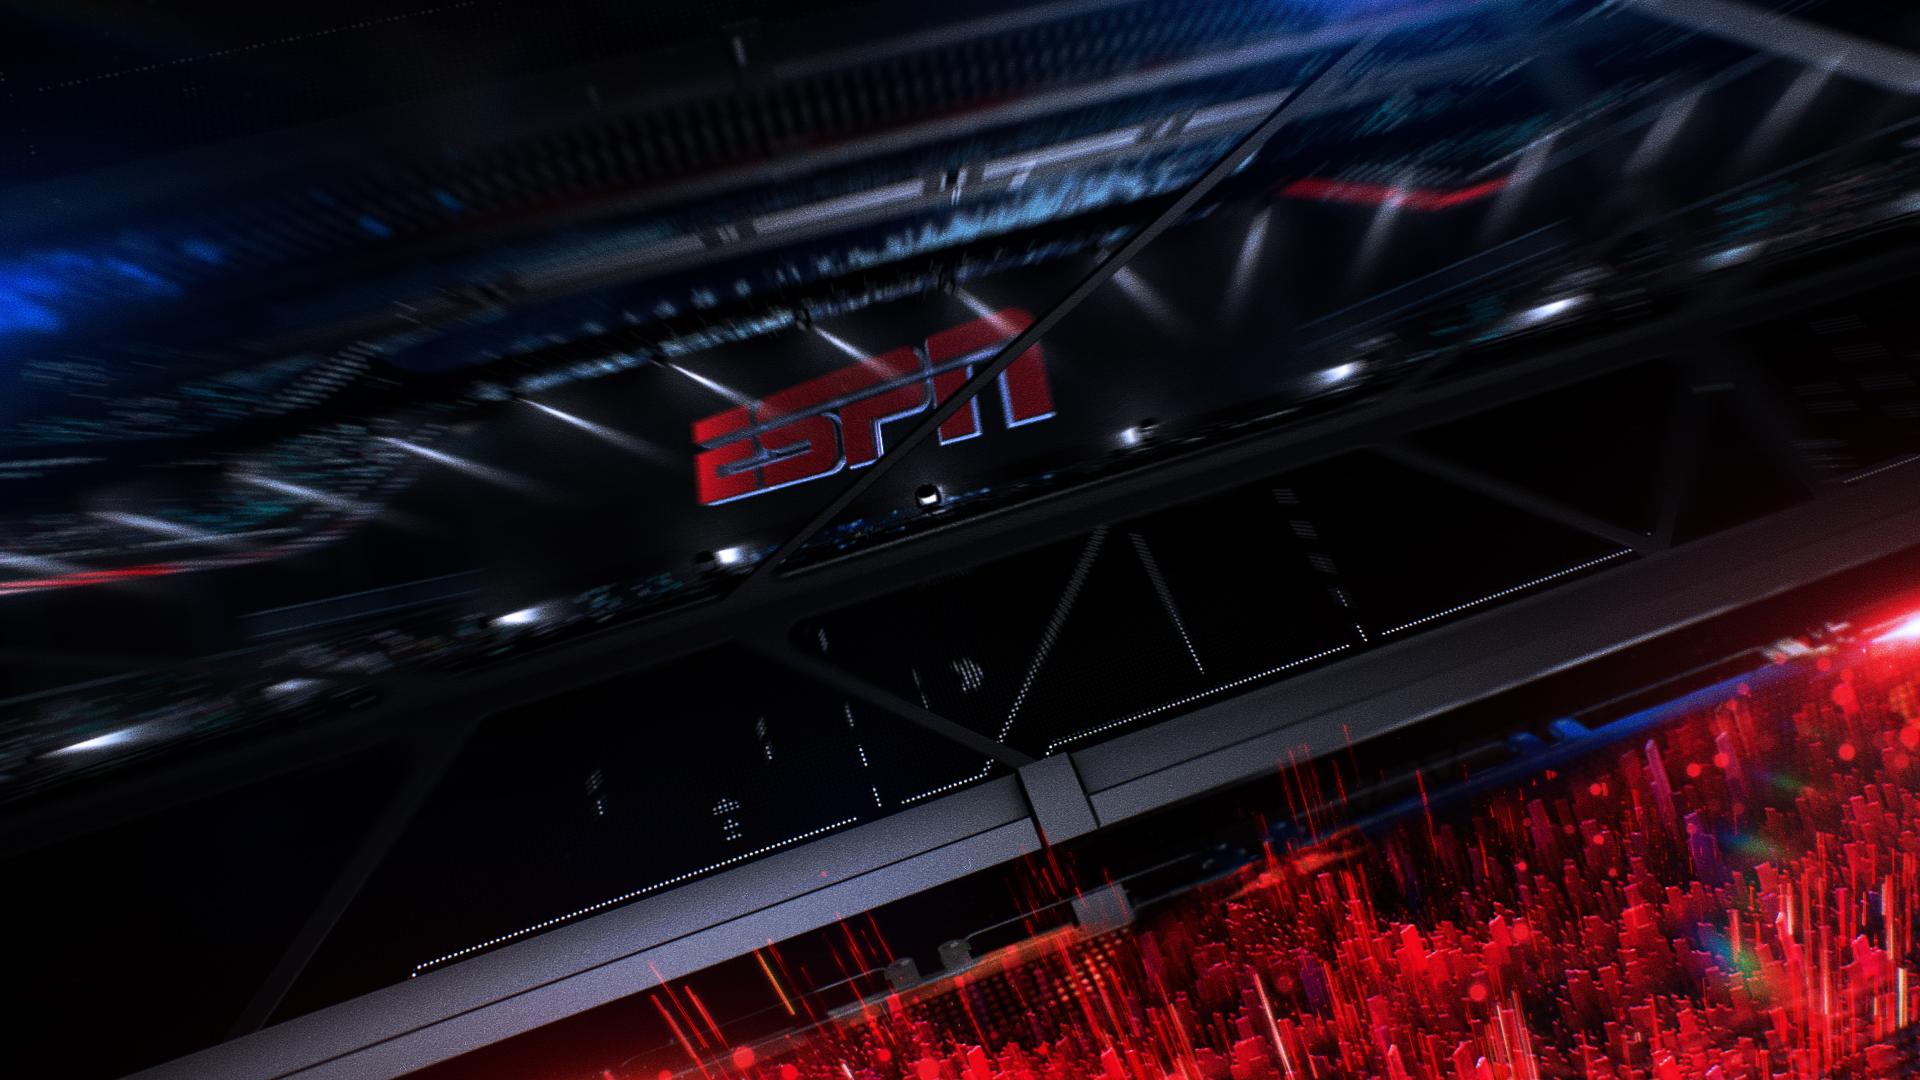 1319_ESPN_THANK_YOU_frame_04.jpg